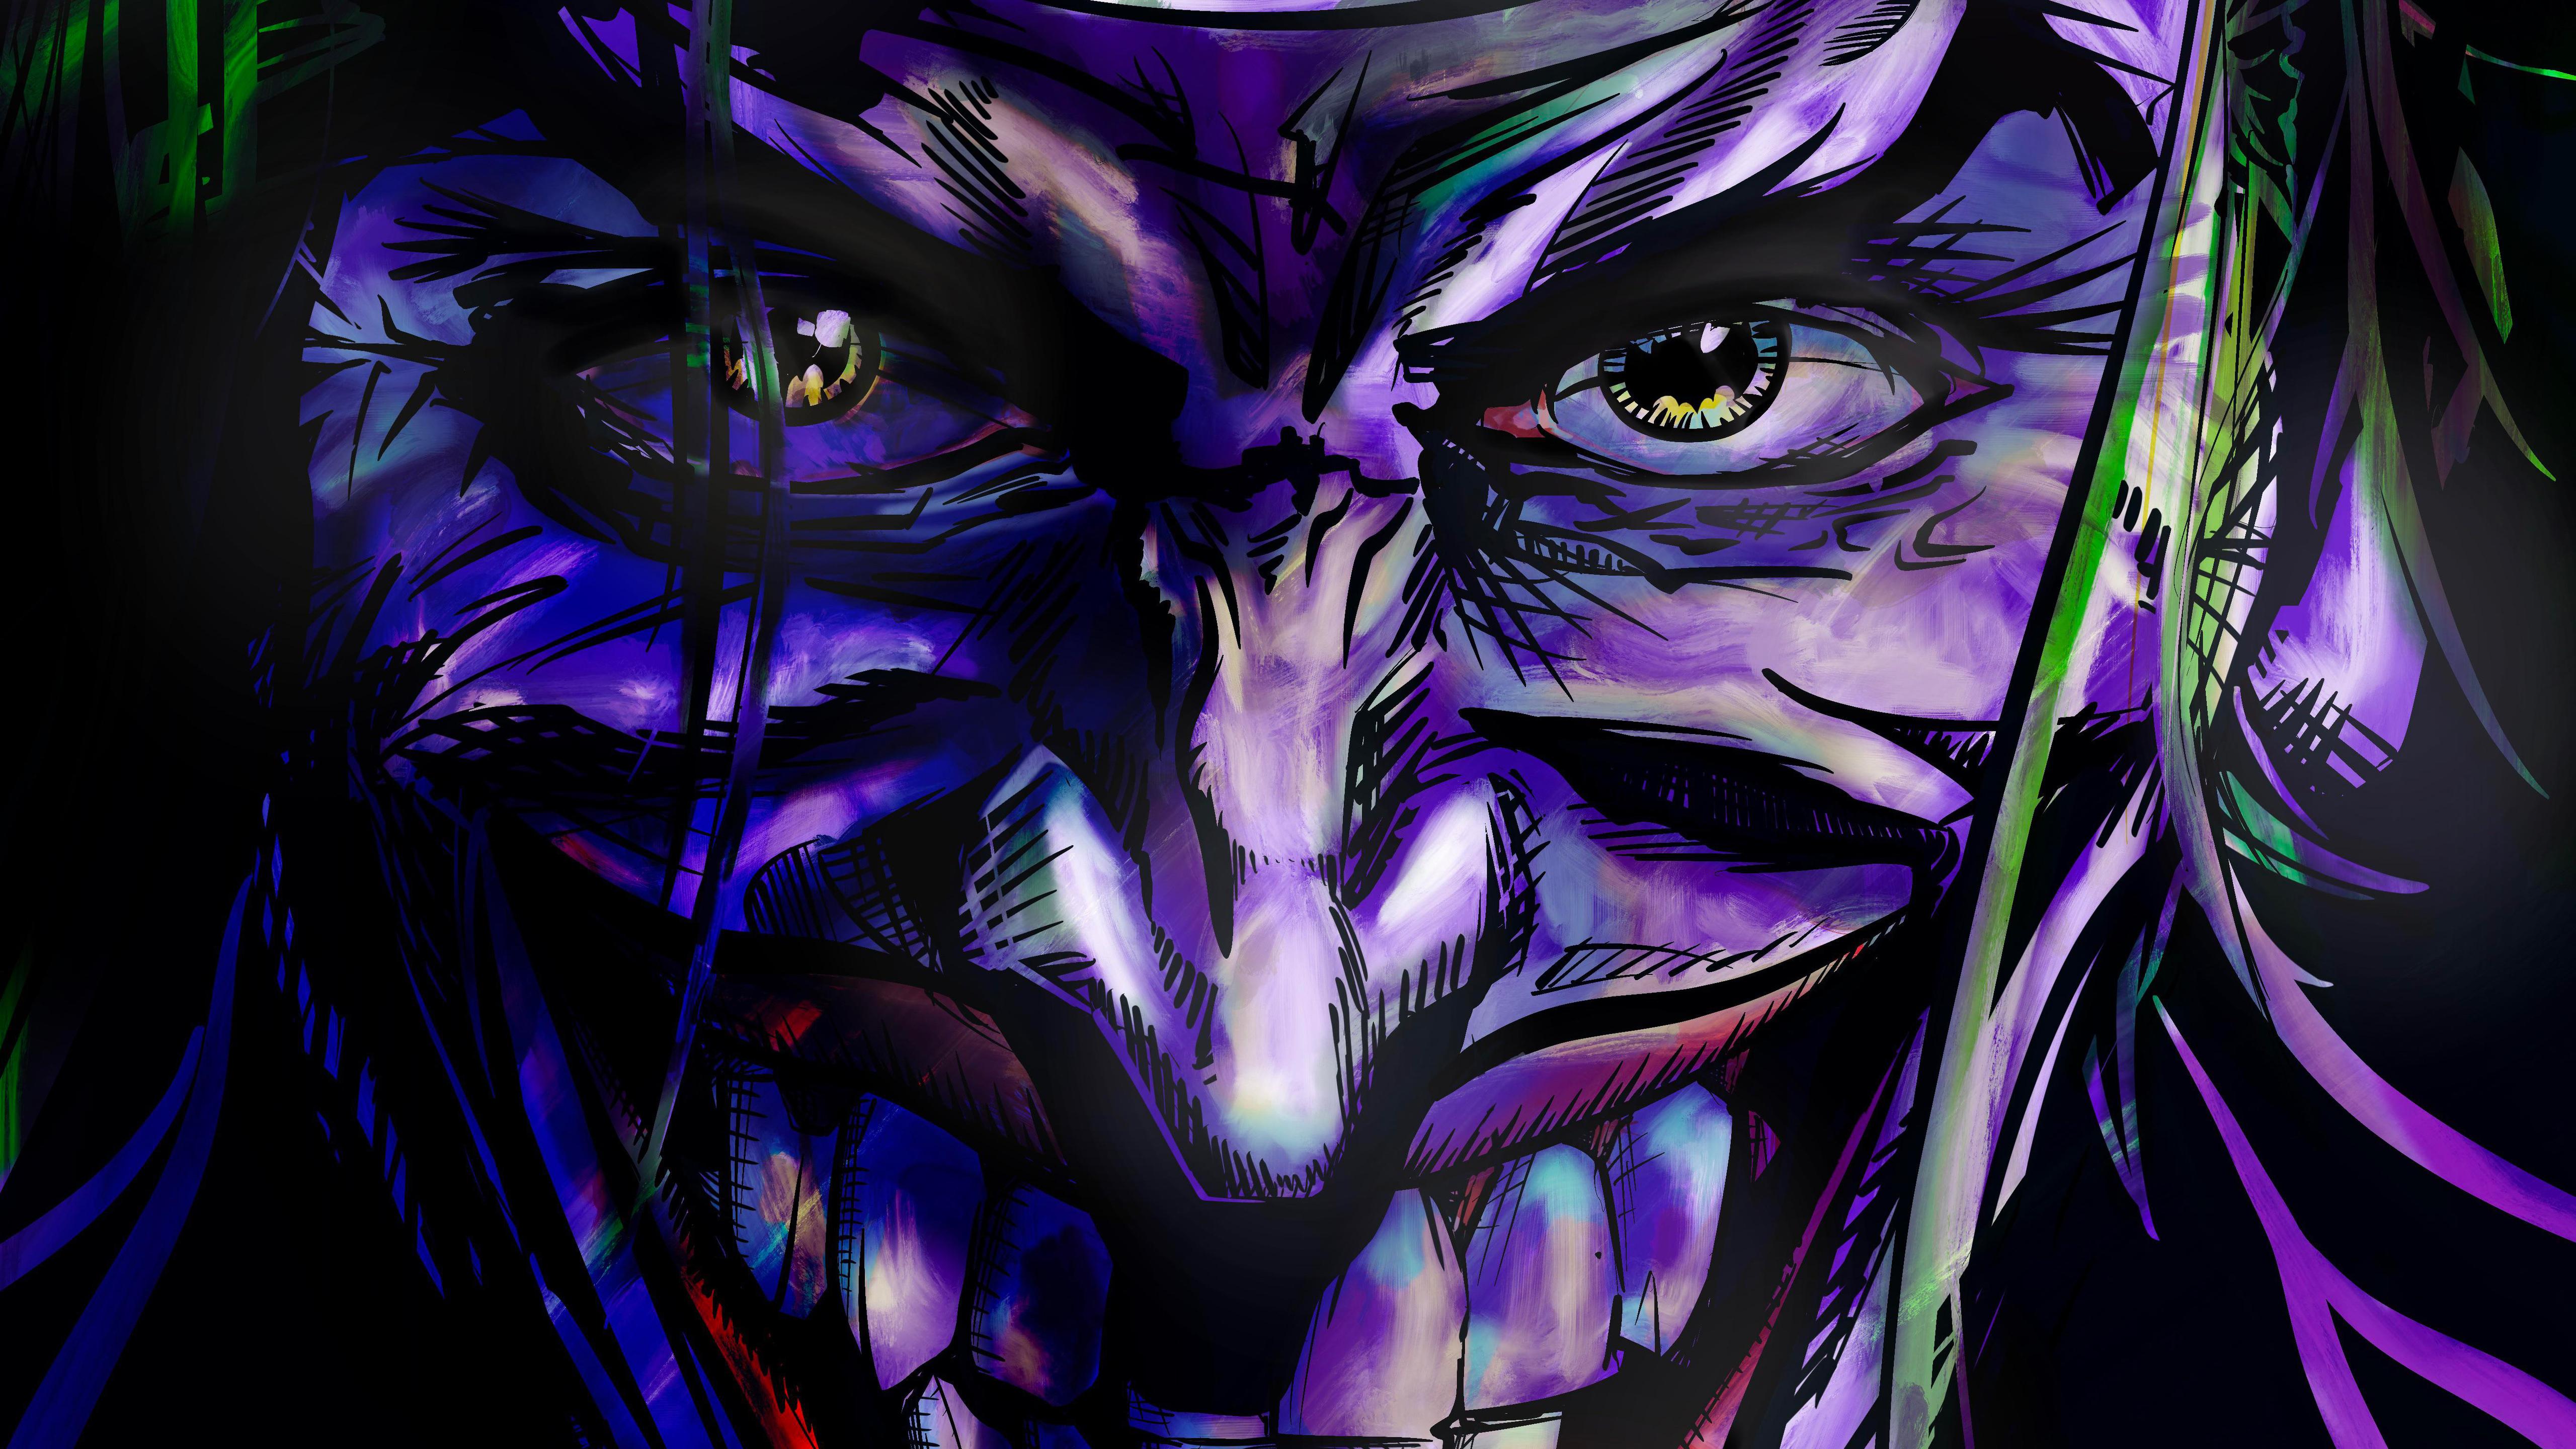 joker-5k-sketch-artwork-54.jpg